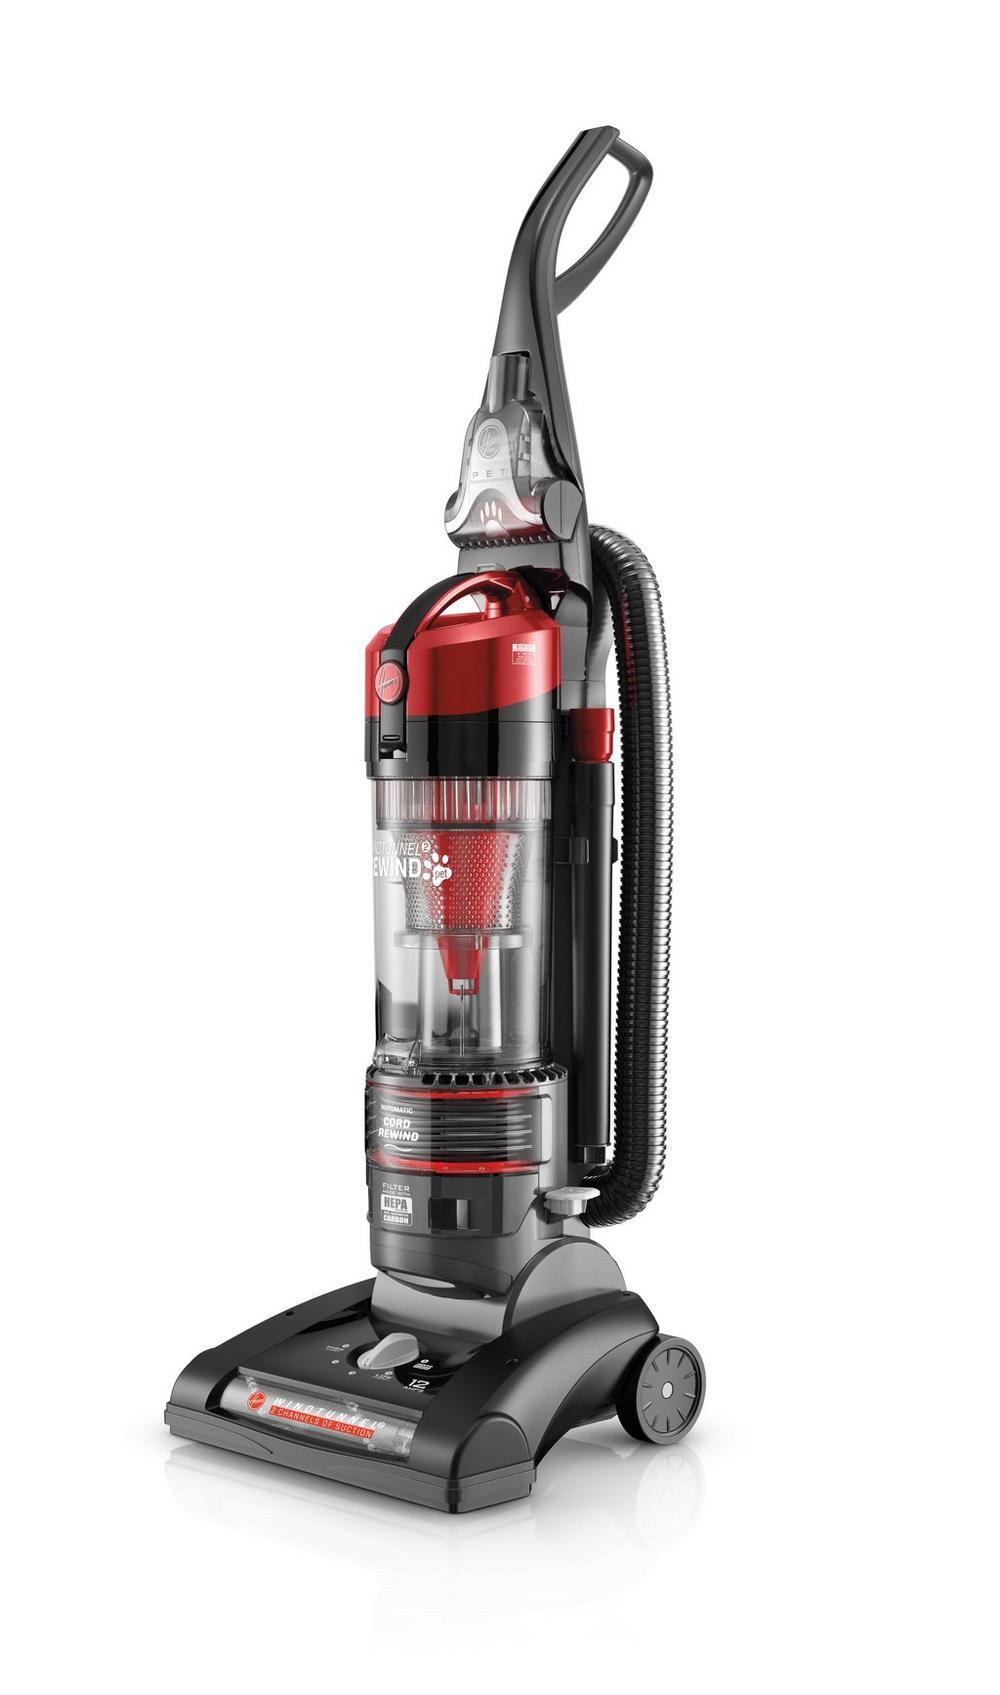 WindTunnel 2 Rewind Pet Upright Vacuum2